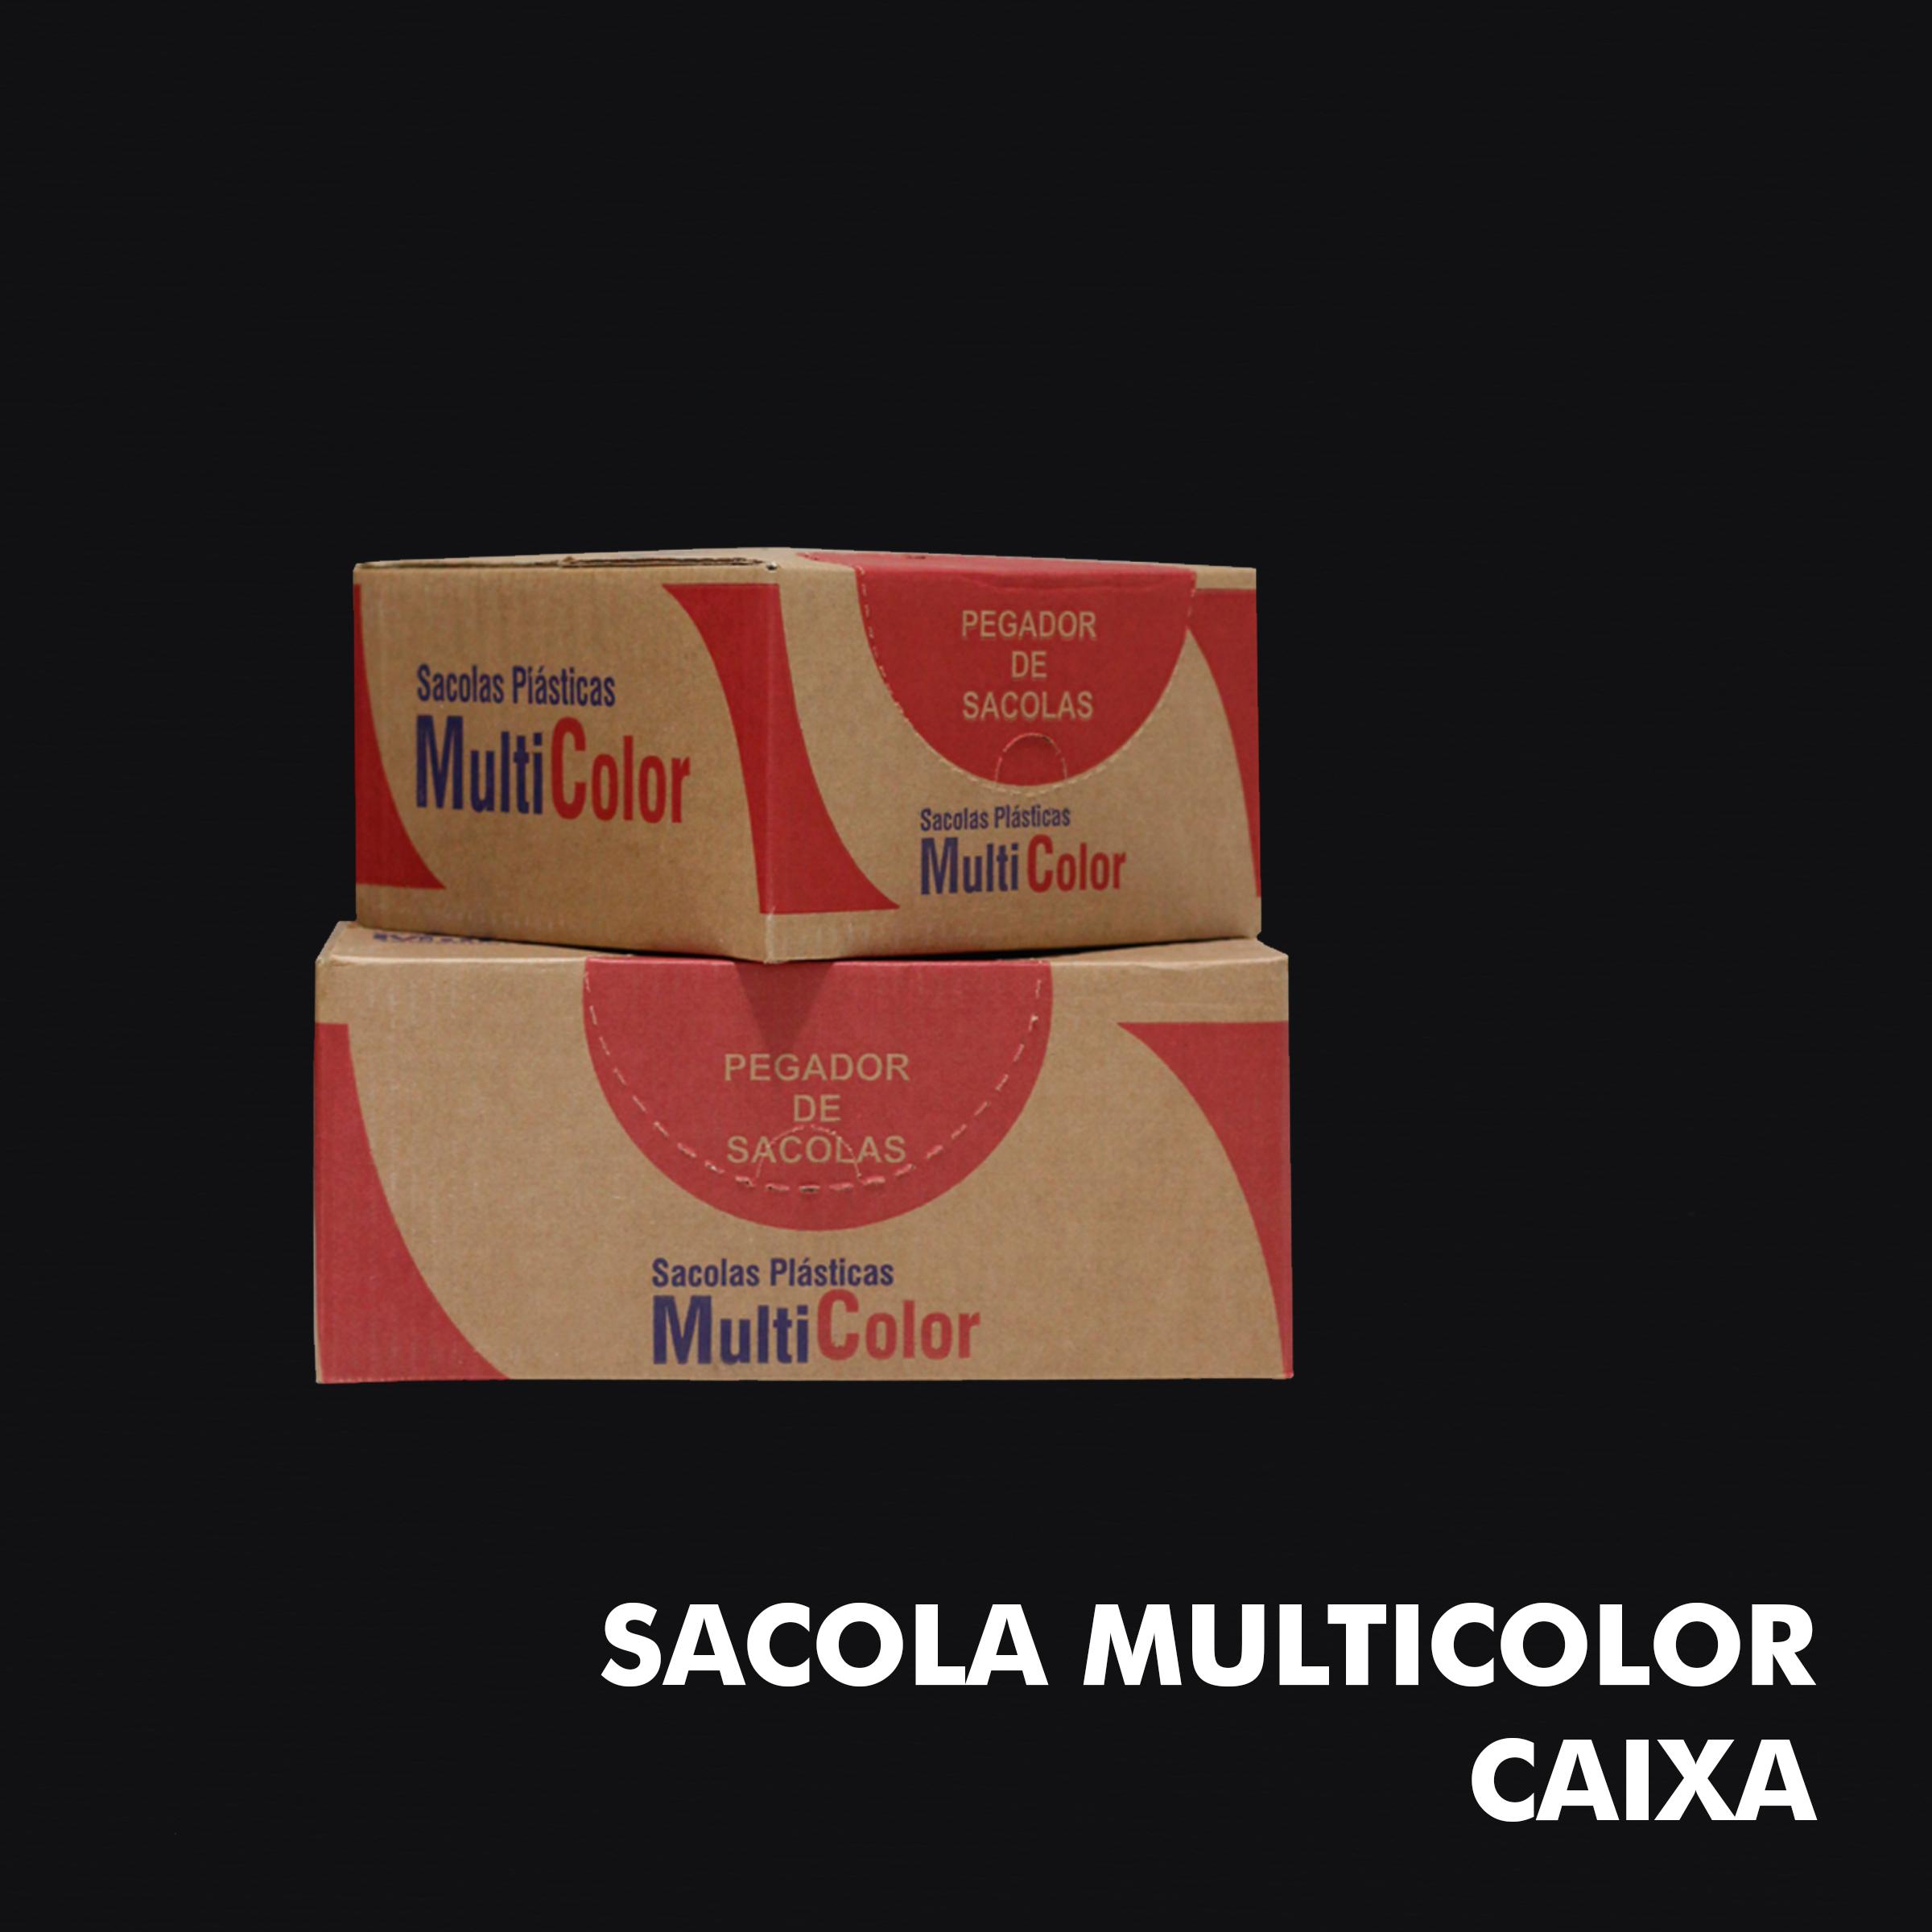 Sacola Multicolor – Caixa - RF